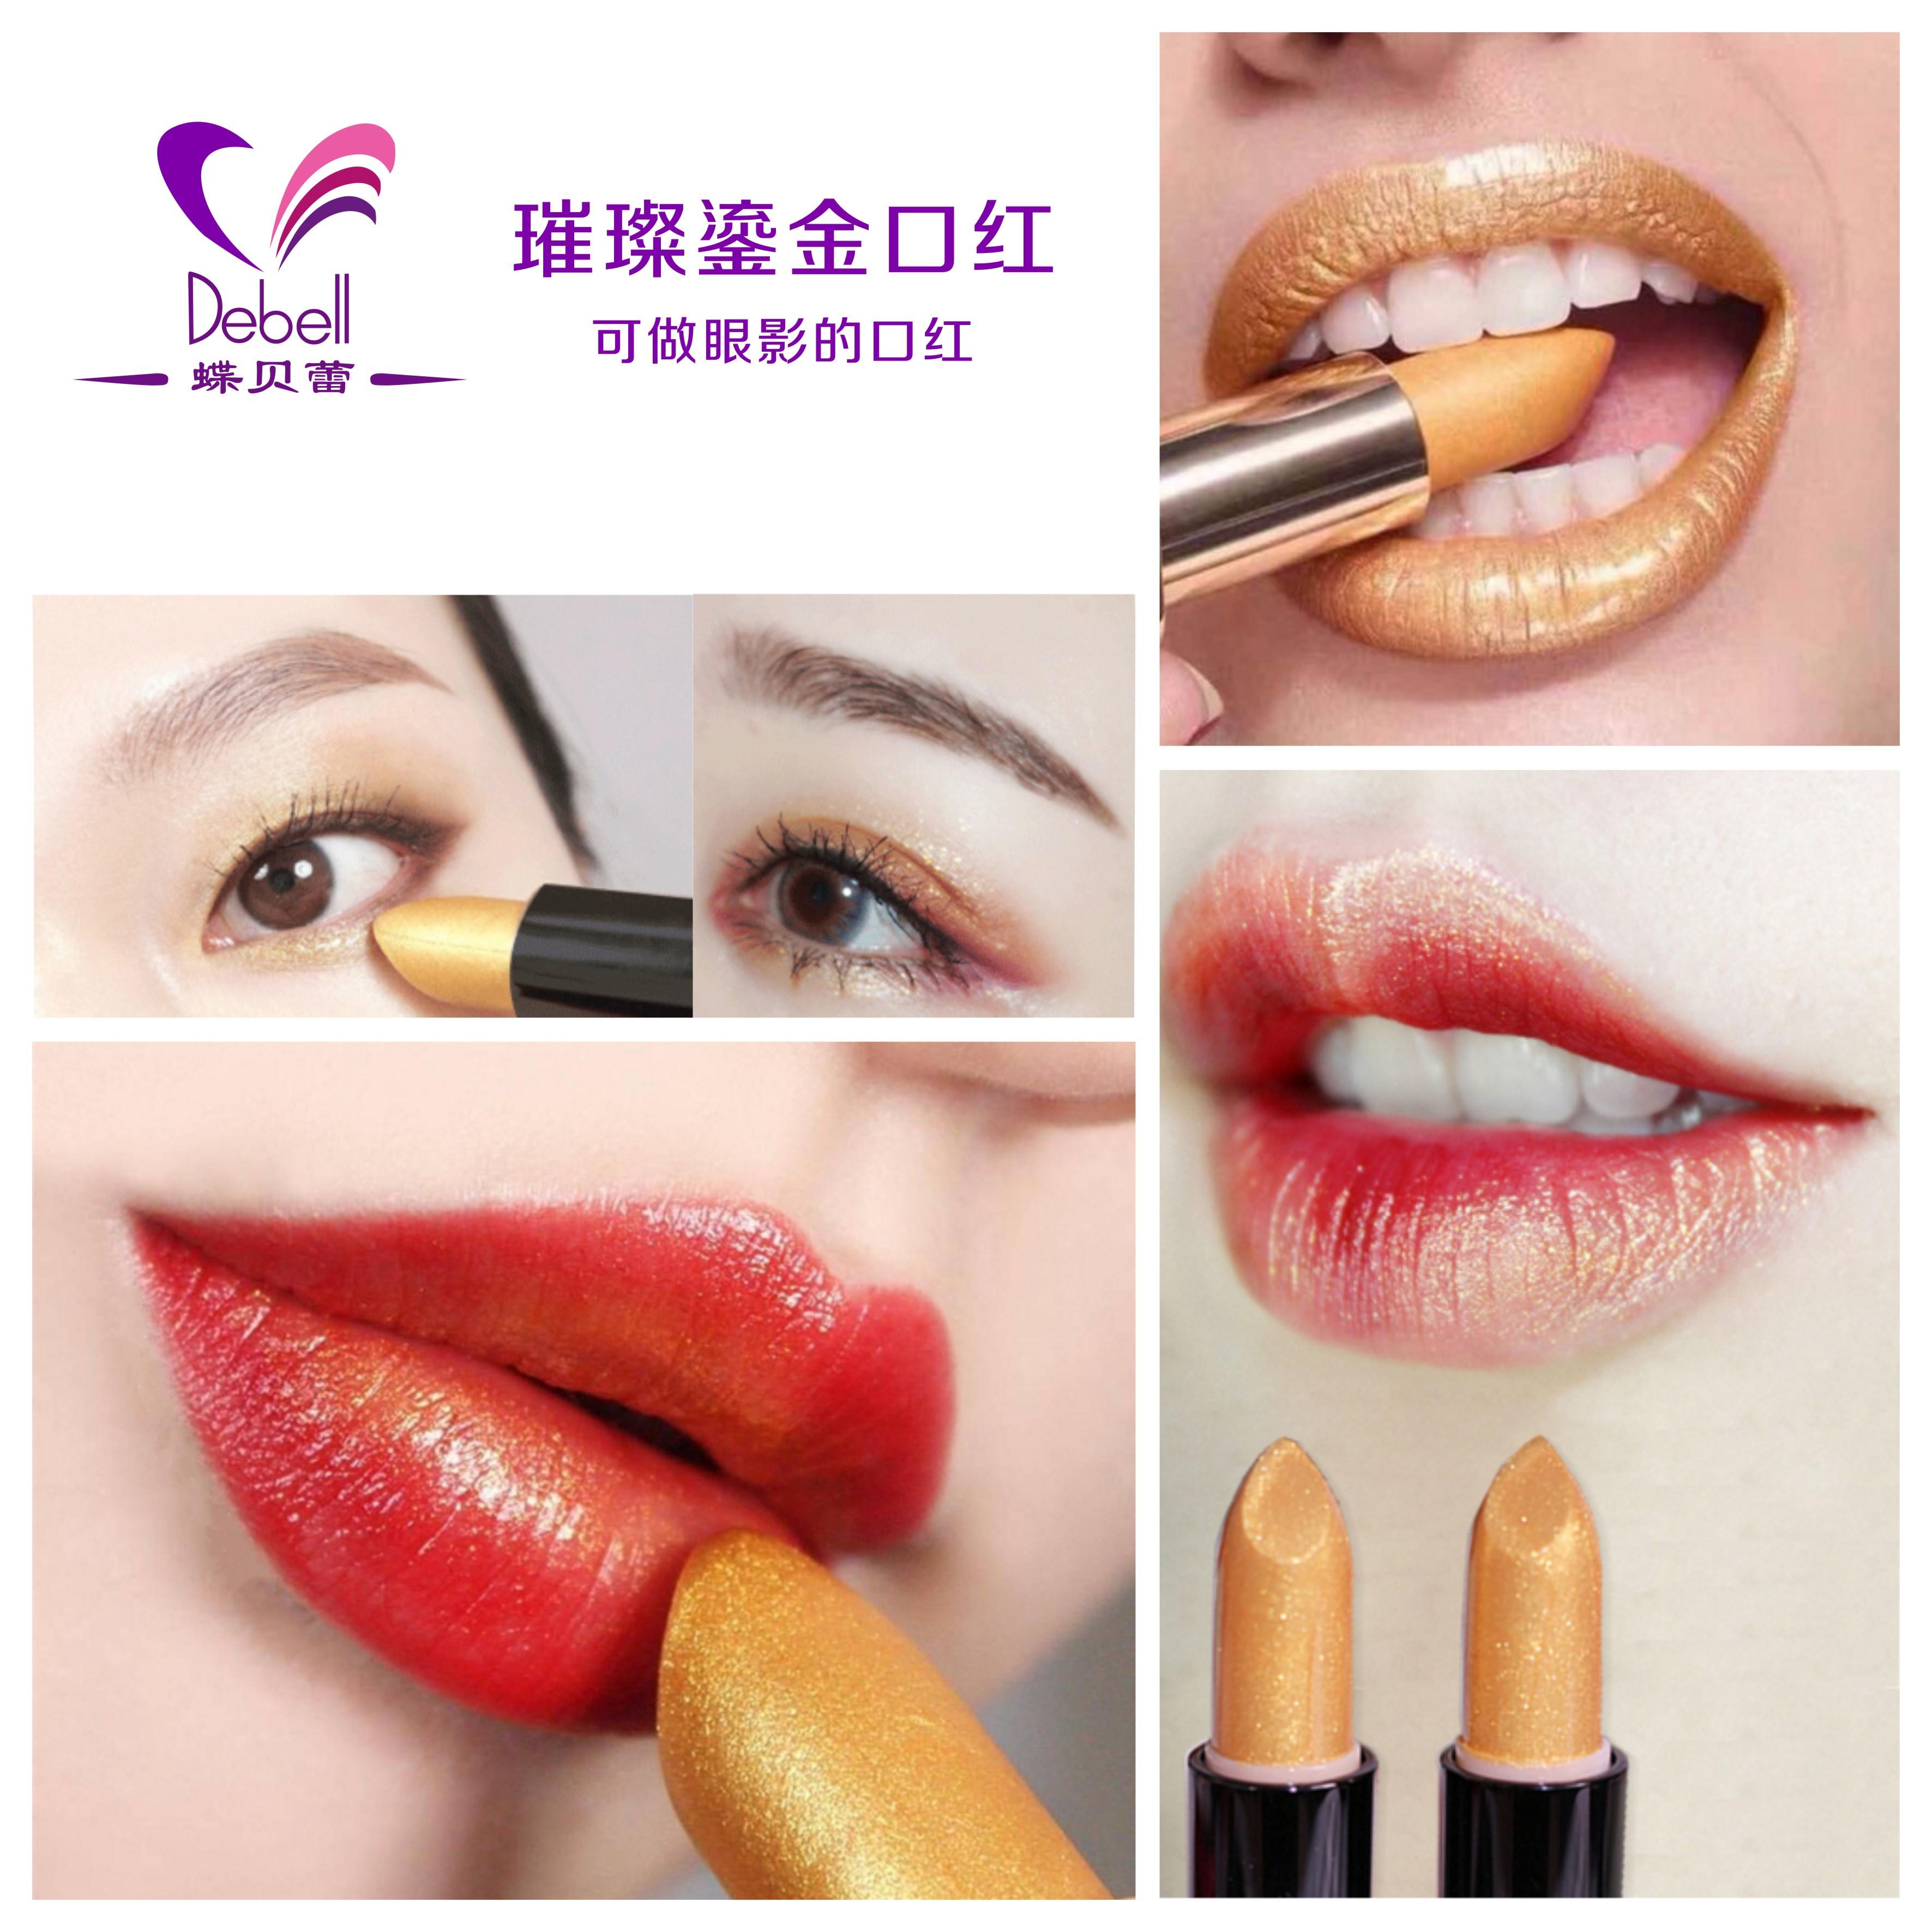 鎏金唇膏加工 彩妆加工 专业化妆品加工 OEM/加工